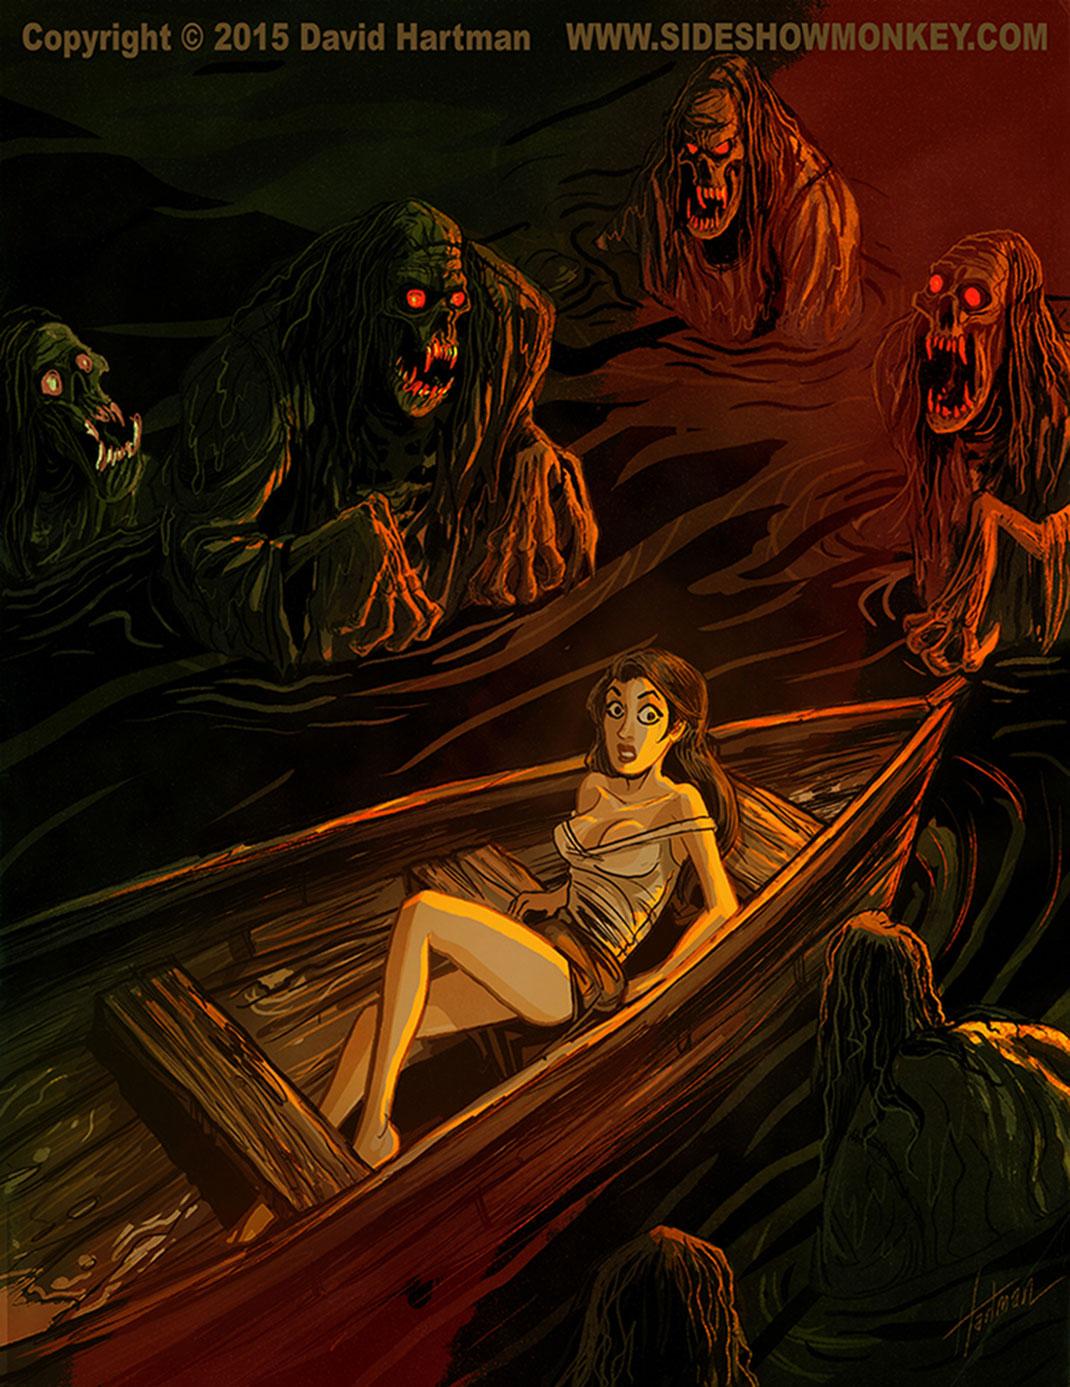 blood_boat_by_hartman_by_sideshowmonkey-d9as3w4